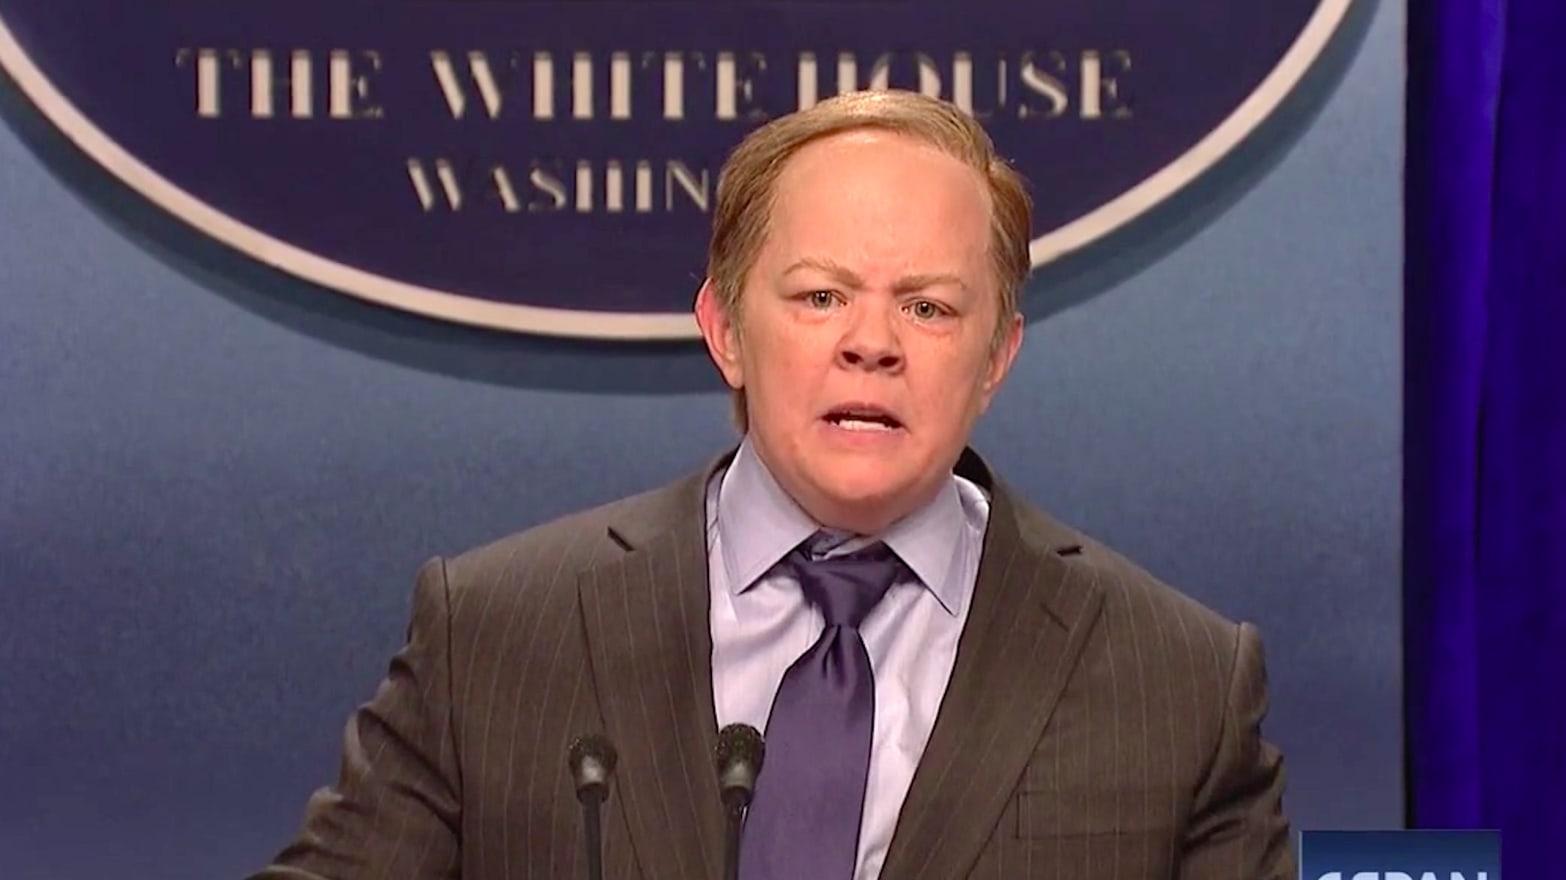 uk áruház venni üzlet eladó Melissa McCarthy's Sean Spicer Rules SNL: 'I Came Out Here to ...